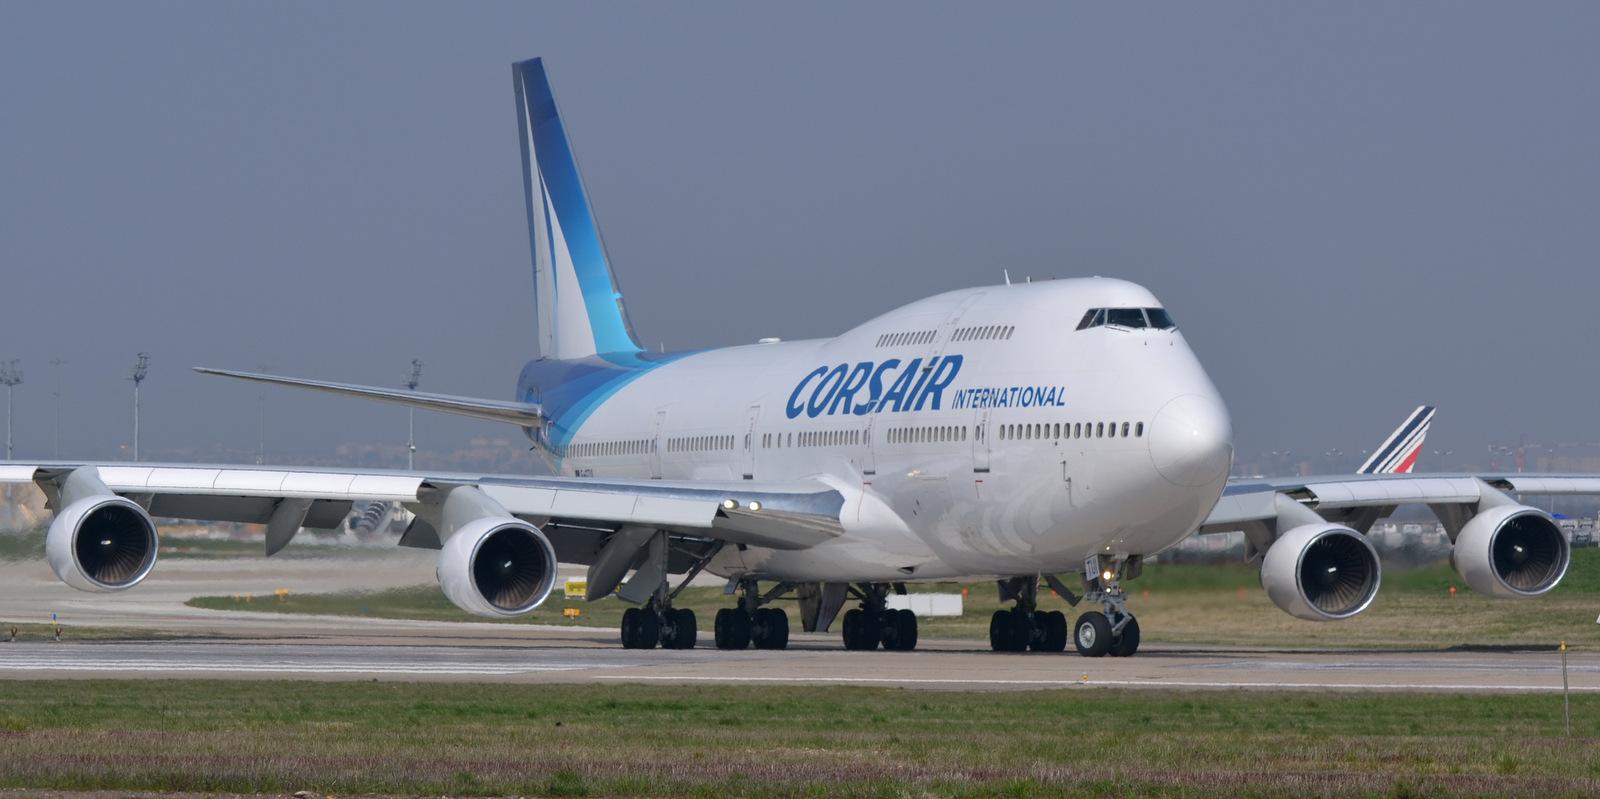 Den sidste Boeing B747-400 fra franske Corsair, Wikipedia-foto: Olivier Cabaret.